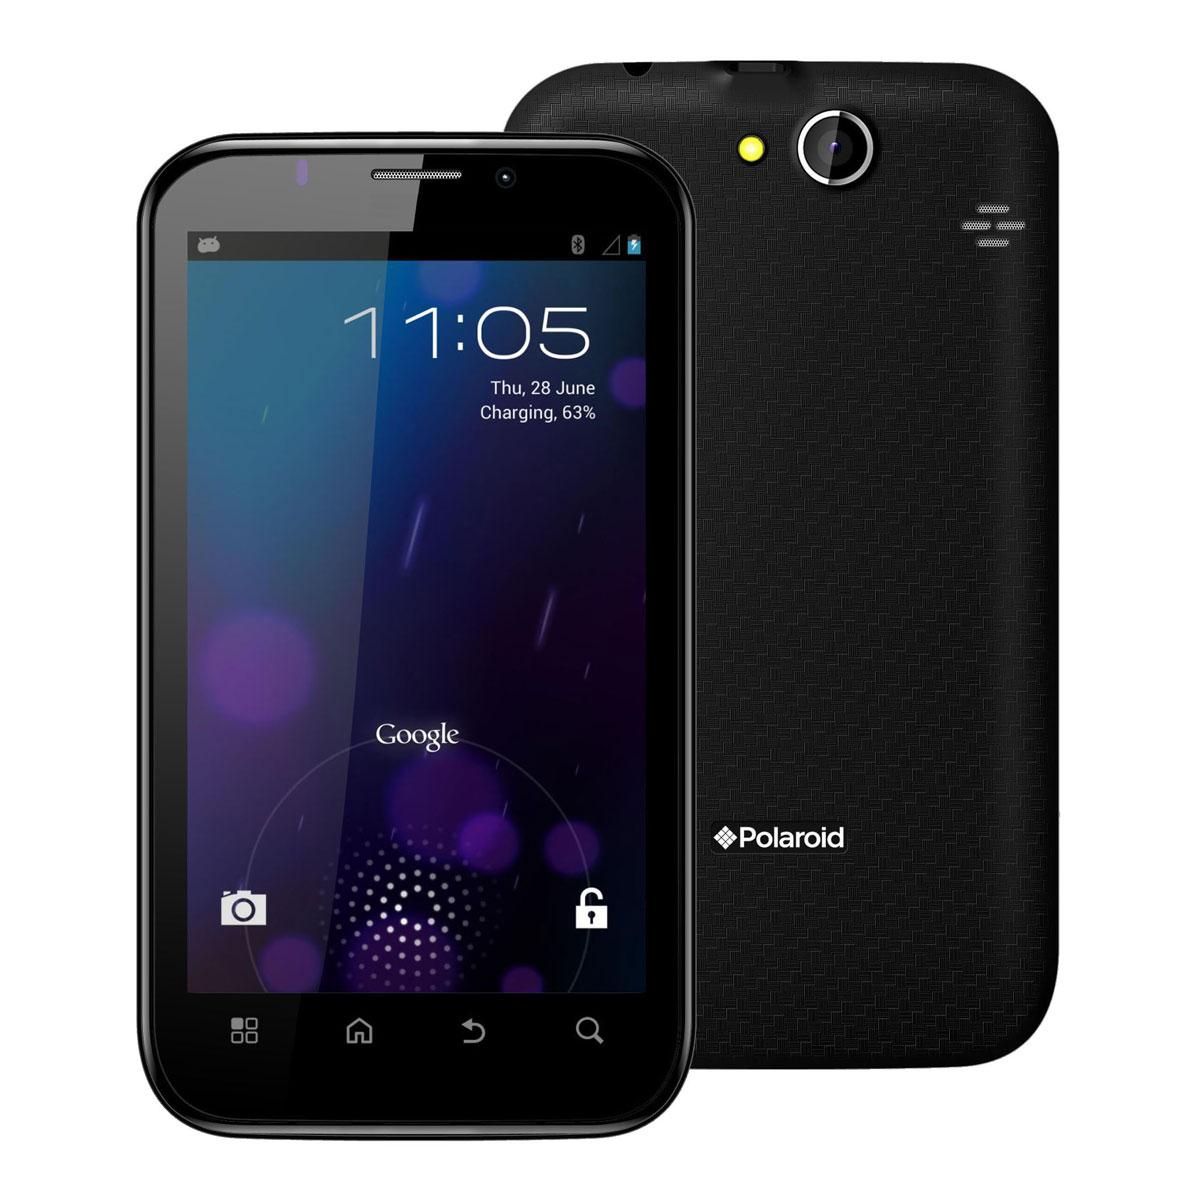 """Mobile & smartphone Polaroid PROG95D Smartphone 3G+ Dual Sim avec écran tactile 5.3"""" sous Android 4.0"""